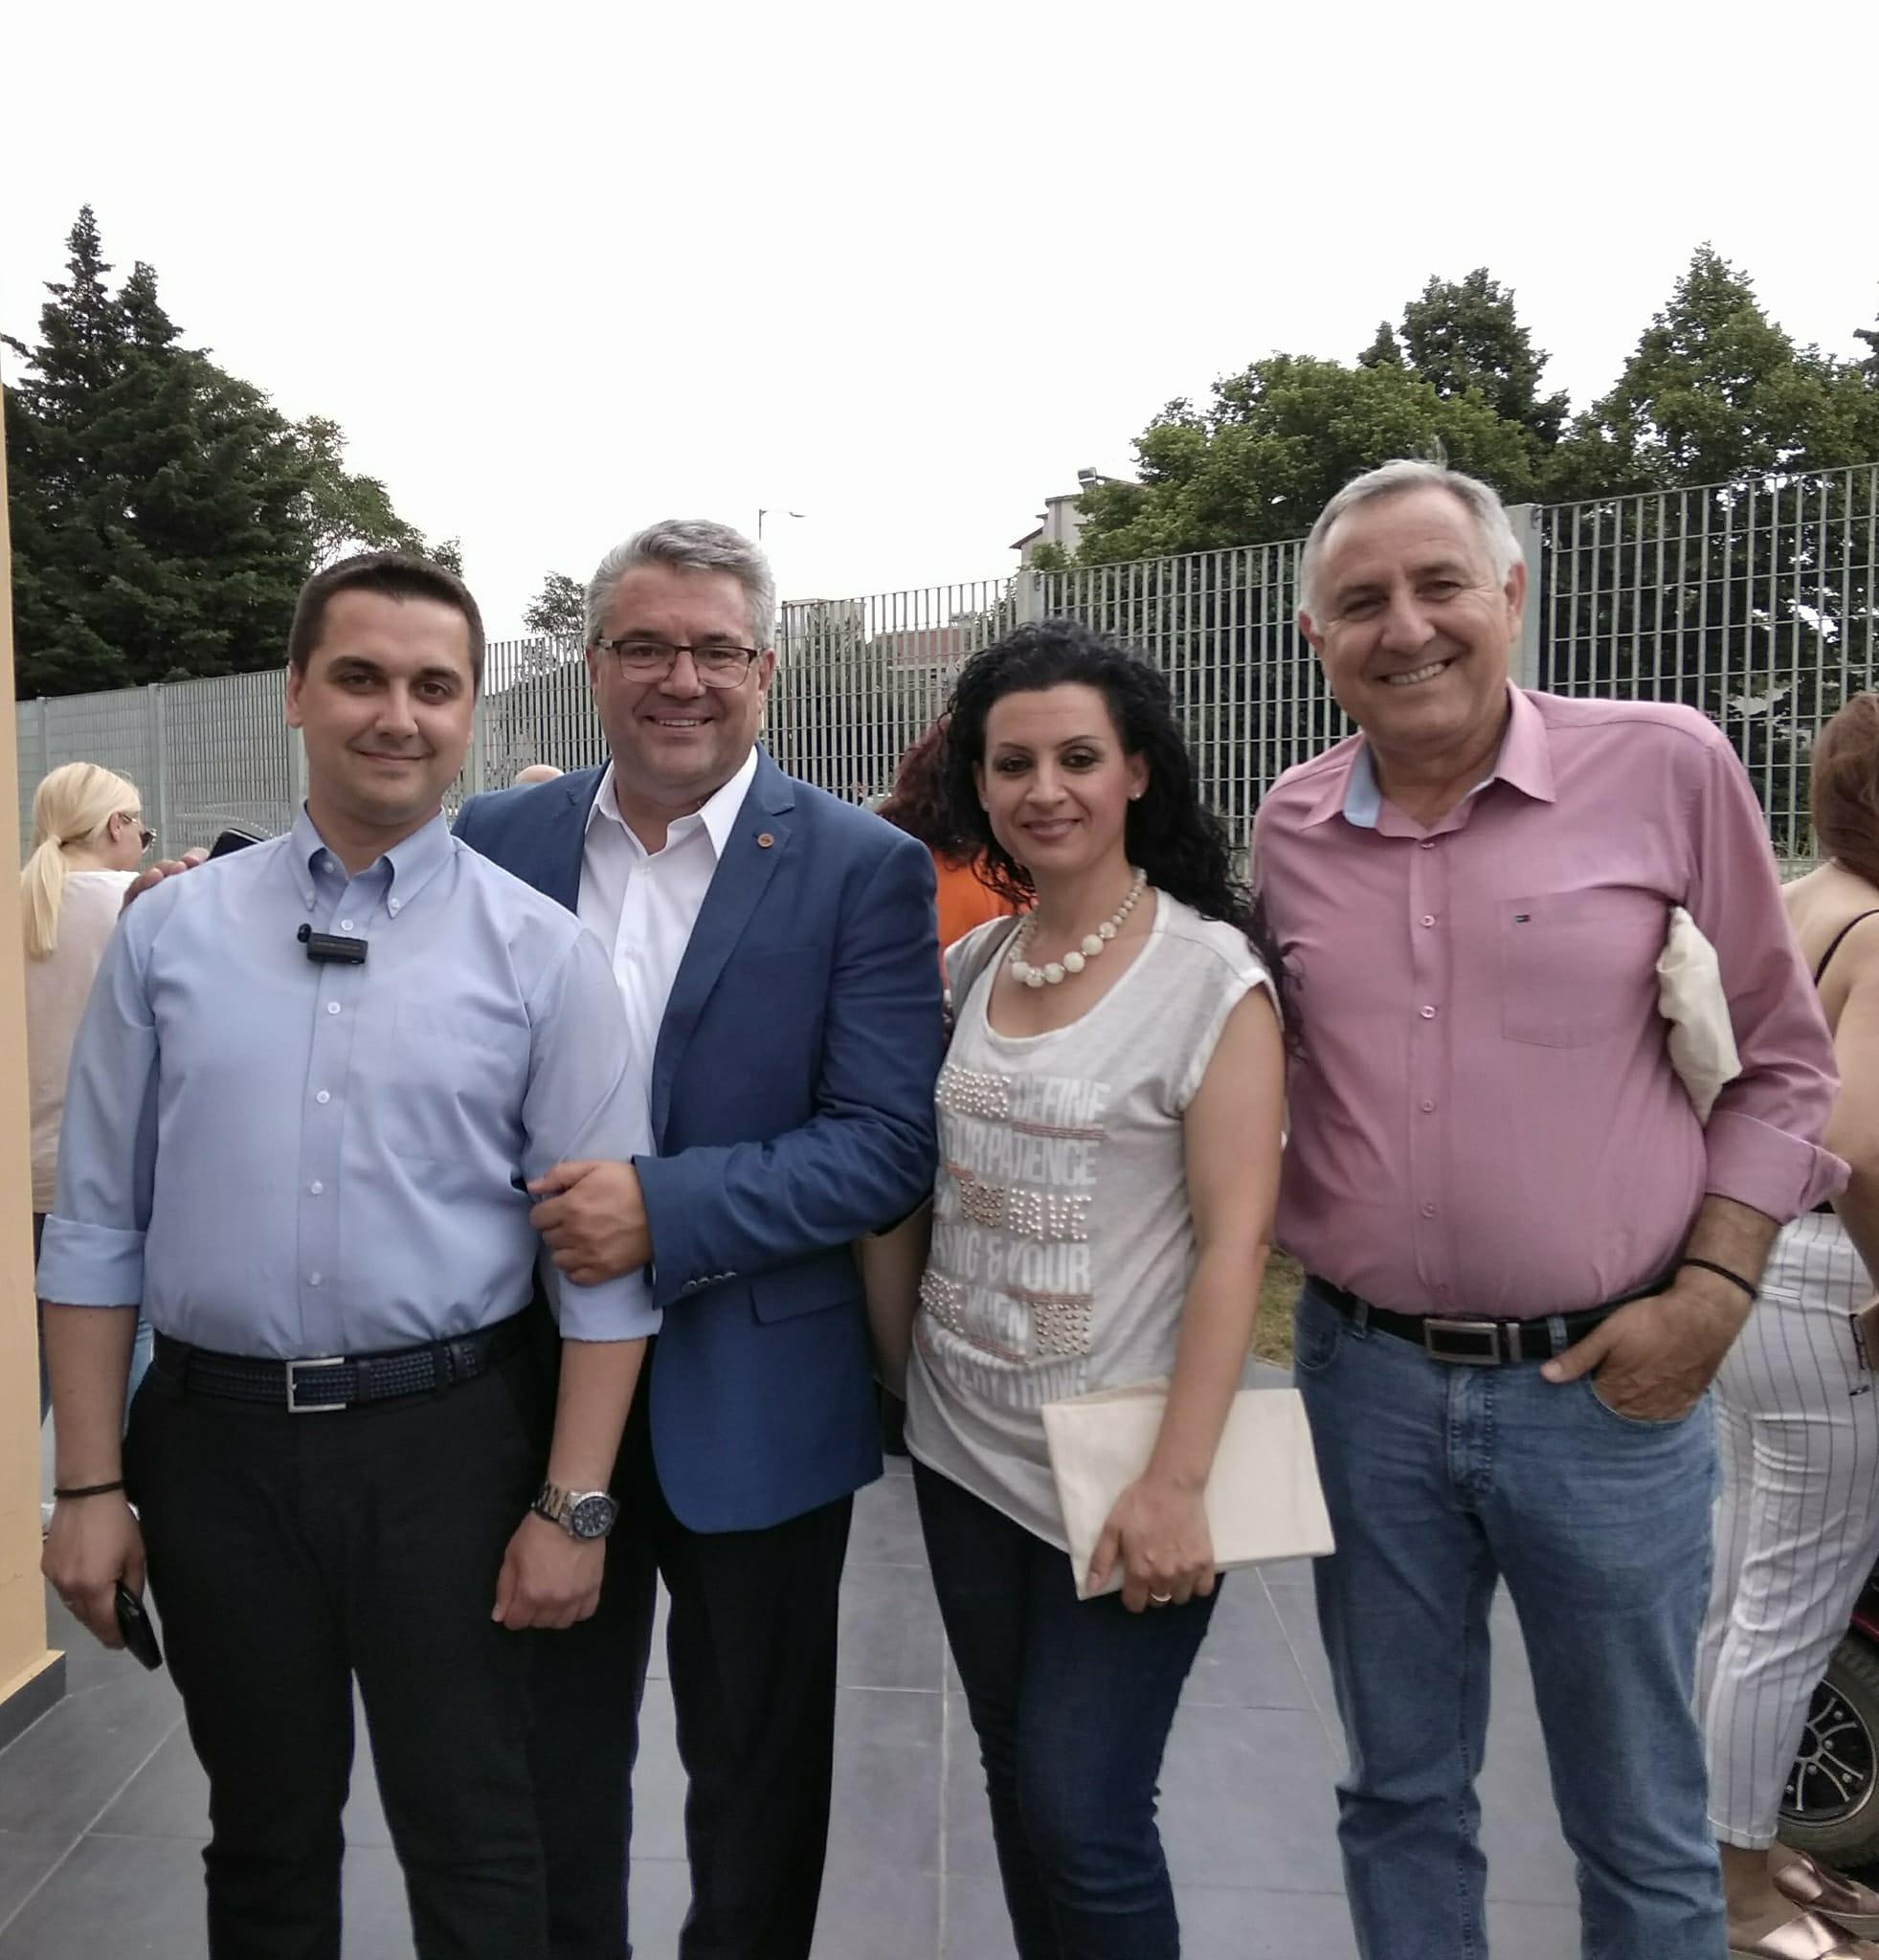 Ανακοίνωση Πολιτιστικών Συλλόγων Δράμας για Μακεδονία